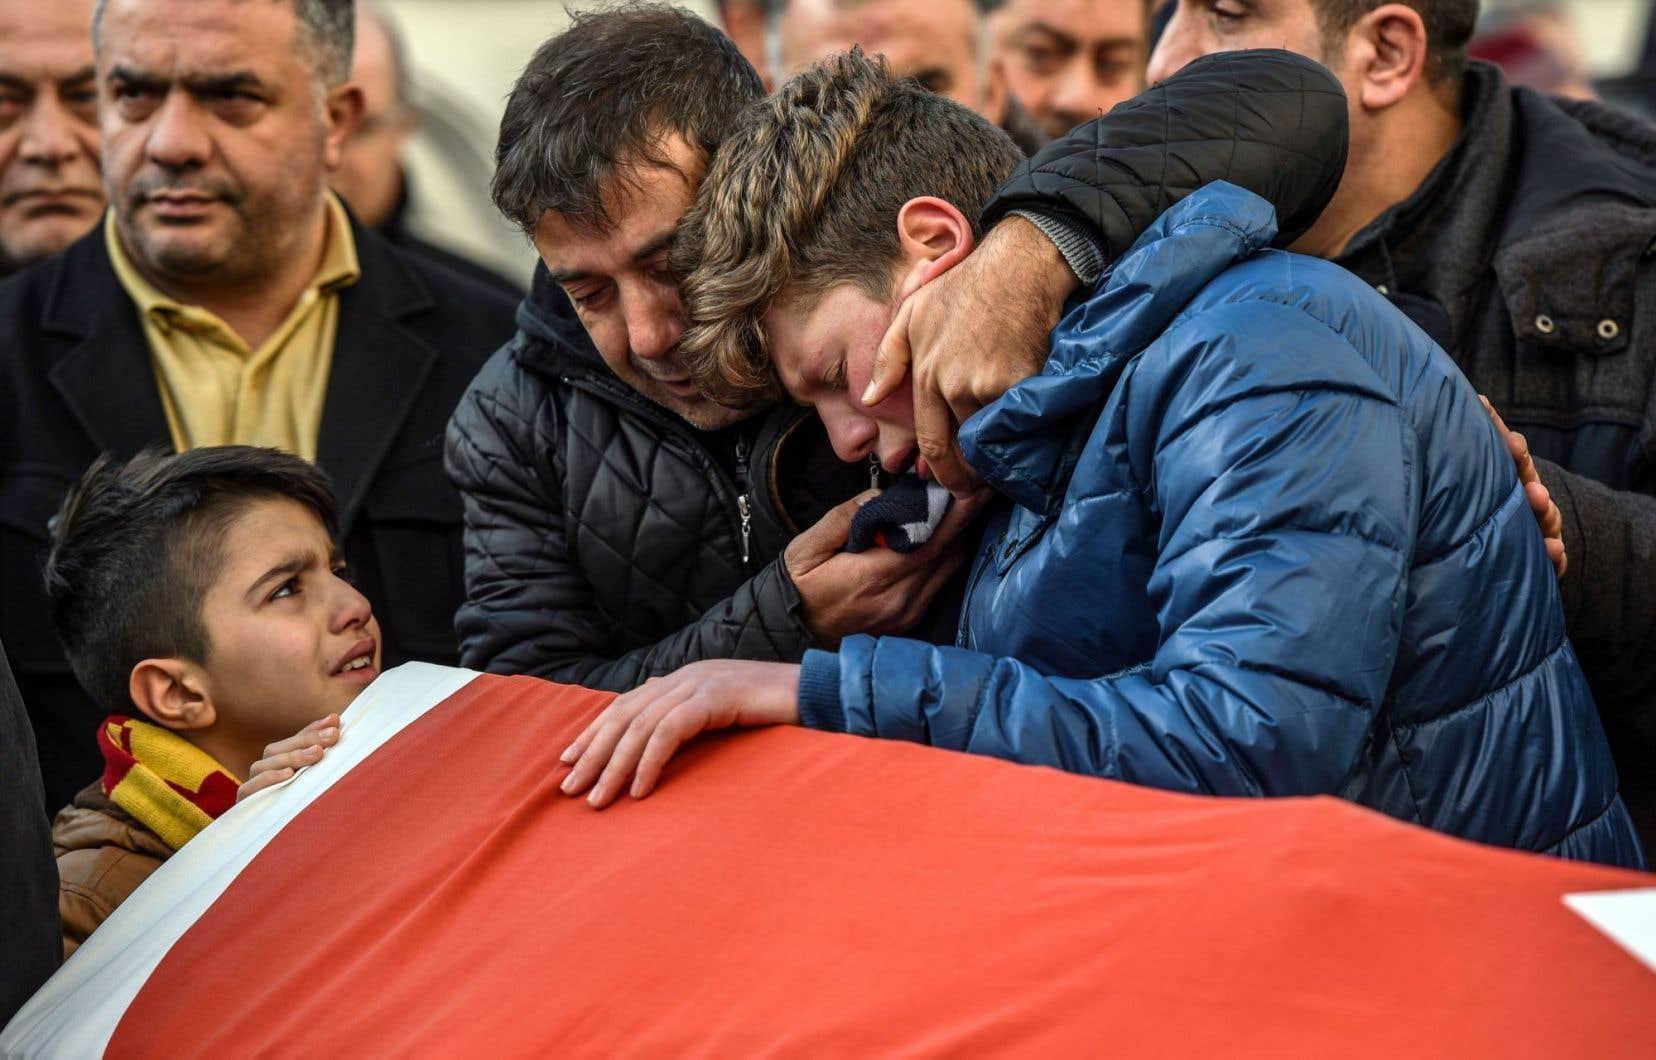 L'attentat au Reina marque un début 2017 sanglant pour la Turquie, déjà endeuillée en 2016 par les contrecoups d'une tentative de coup d'État et une vague d'attentats meurtriers liée aux djihadistes ou à la rébellion kurde.